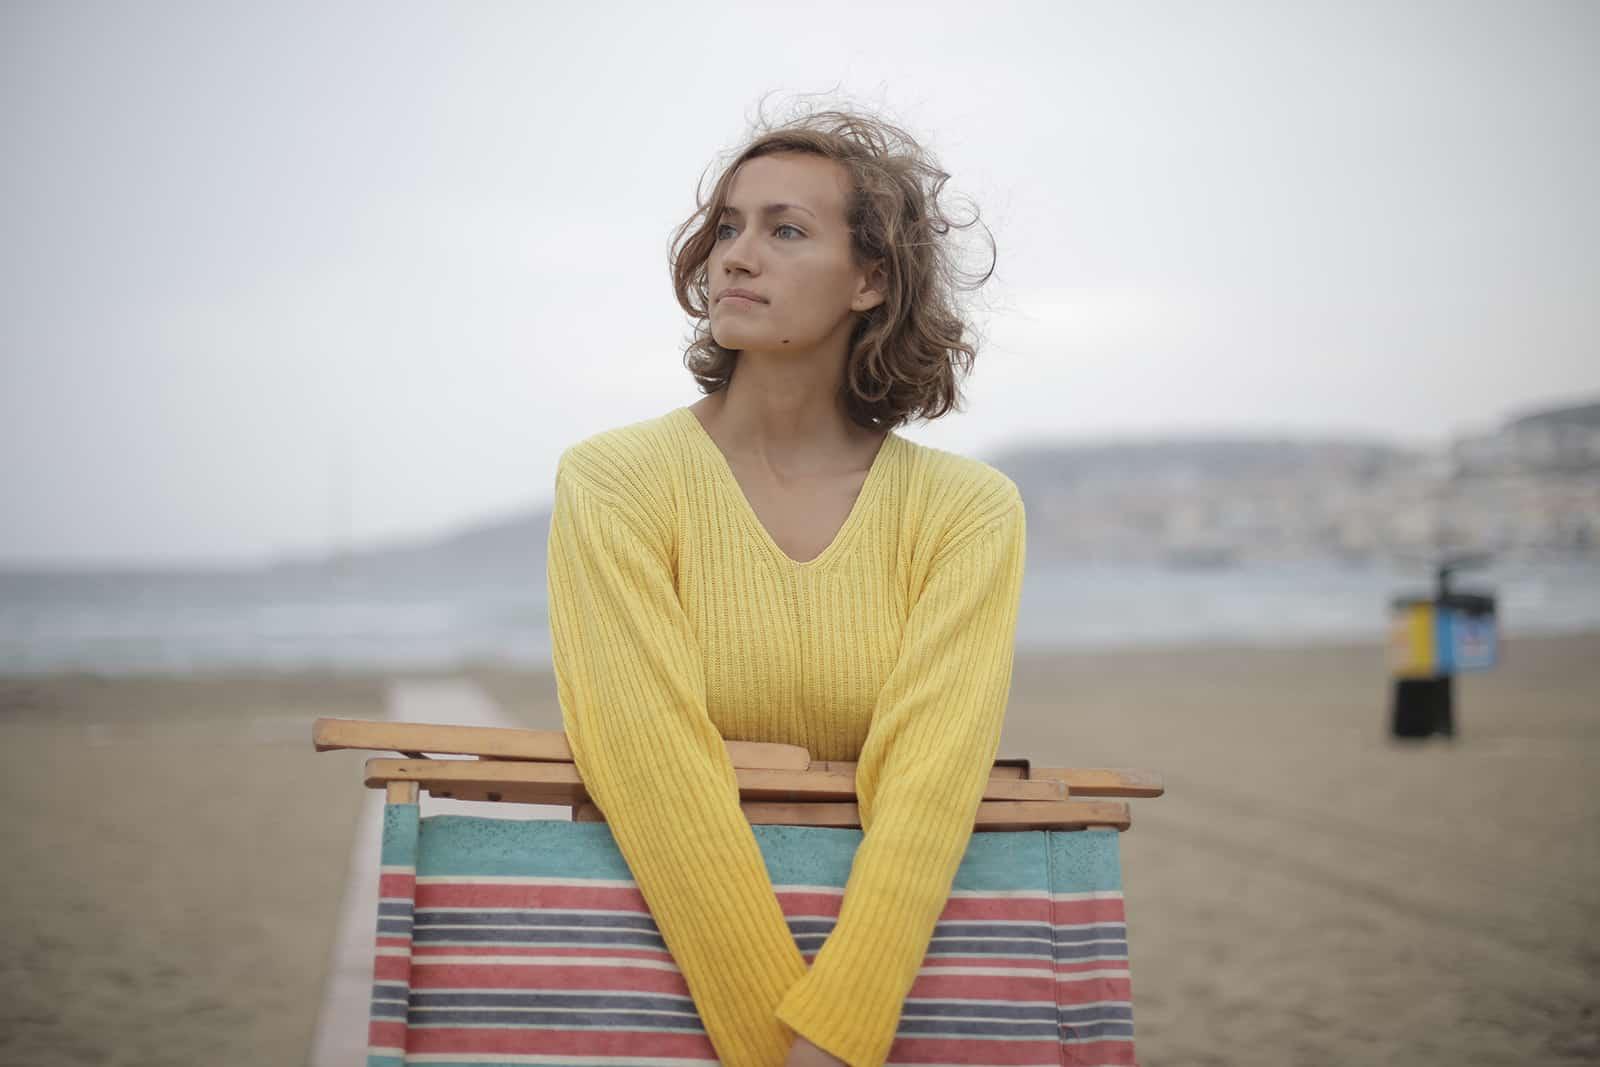 eine ruhige Frau, die einen gefalteten Liegestuhl hält, während sie am Strand steht